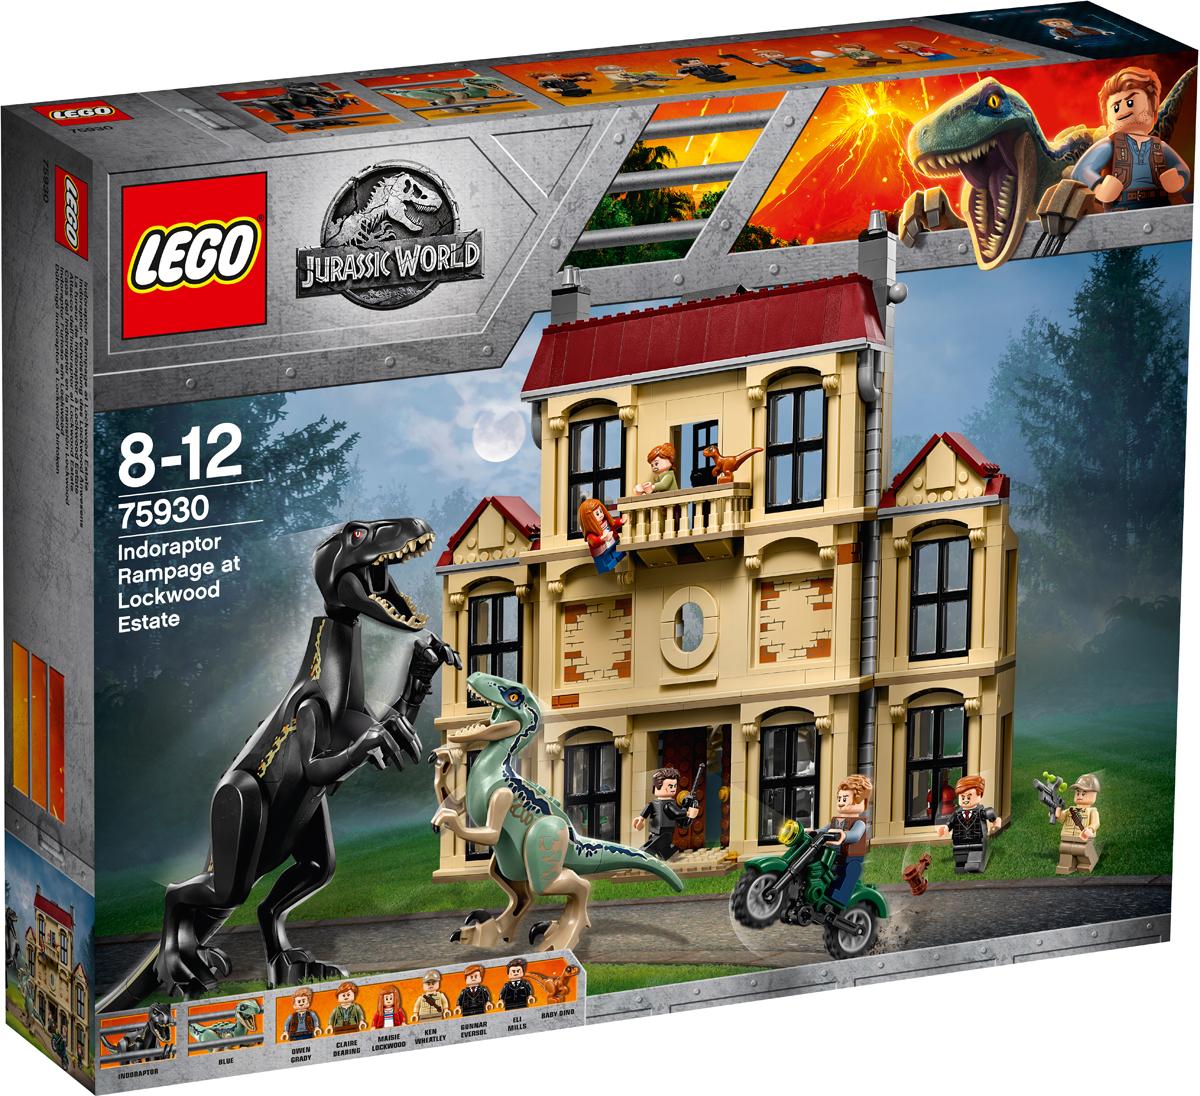 LEGO Jurassic World Конструктор Нападение индораптора в поместье lego конструктор супер герои нападение на башню мстителей lego 76038